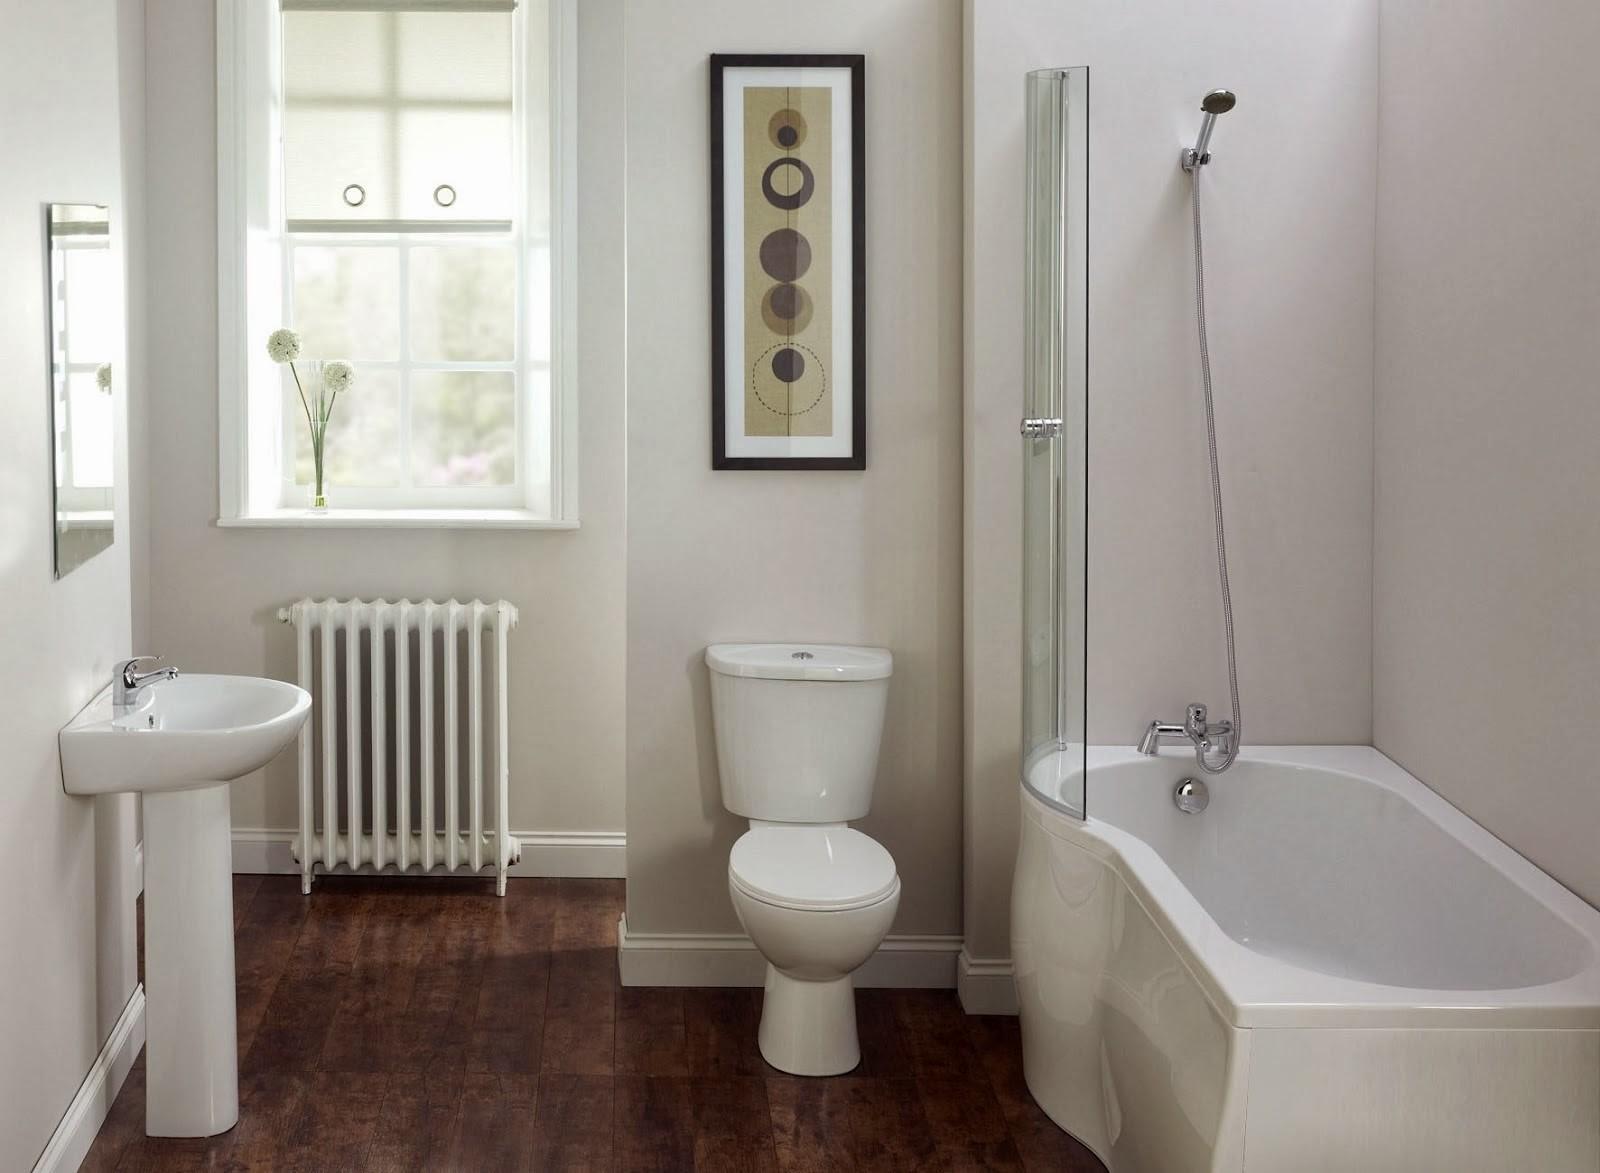 4 sinar lampu kamar mandi